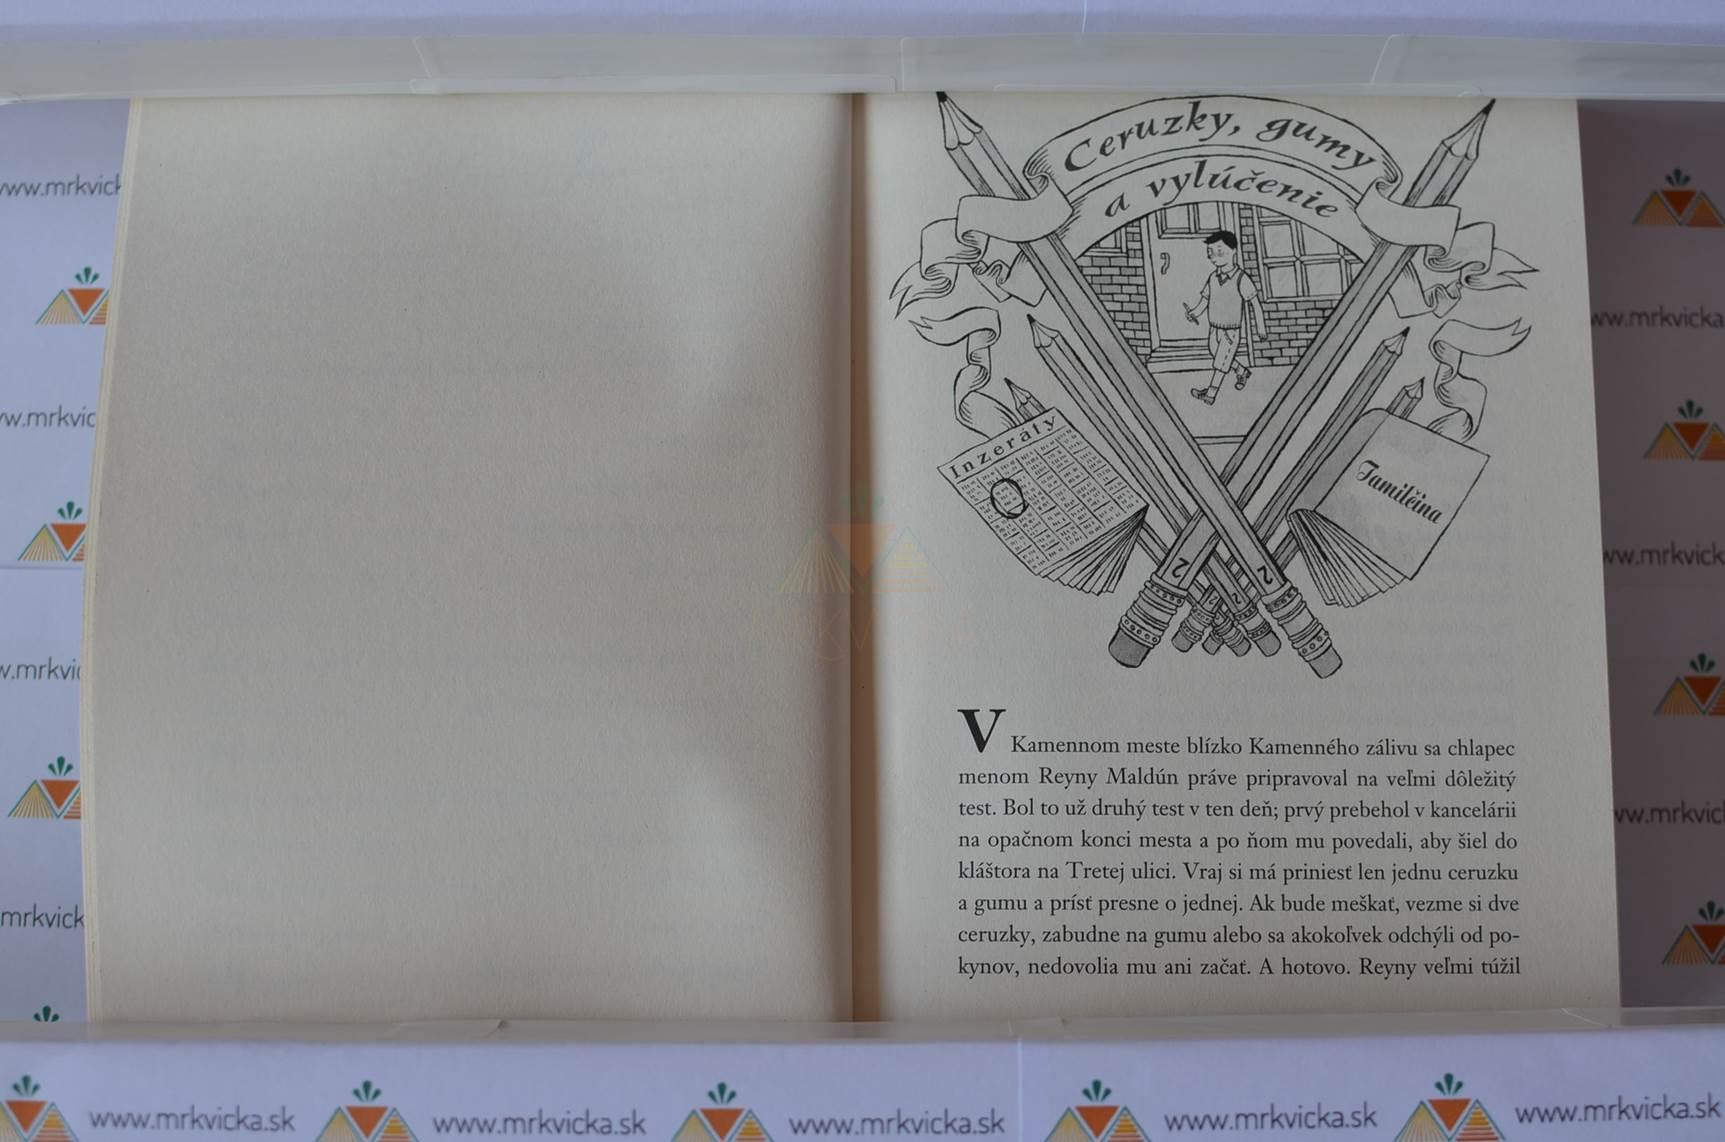 Benediktova Taj. Spol. 1 - Benediktova tajomná spoločnosť